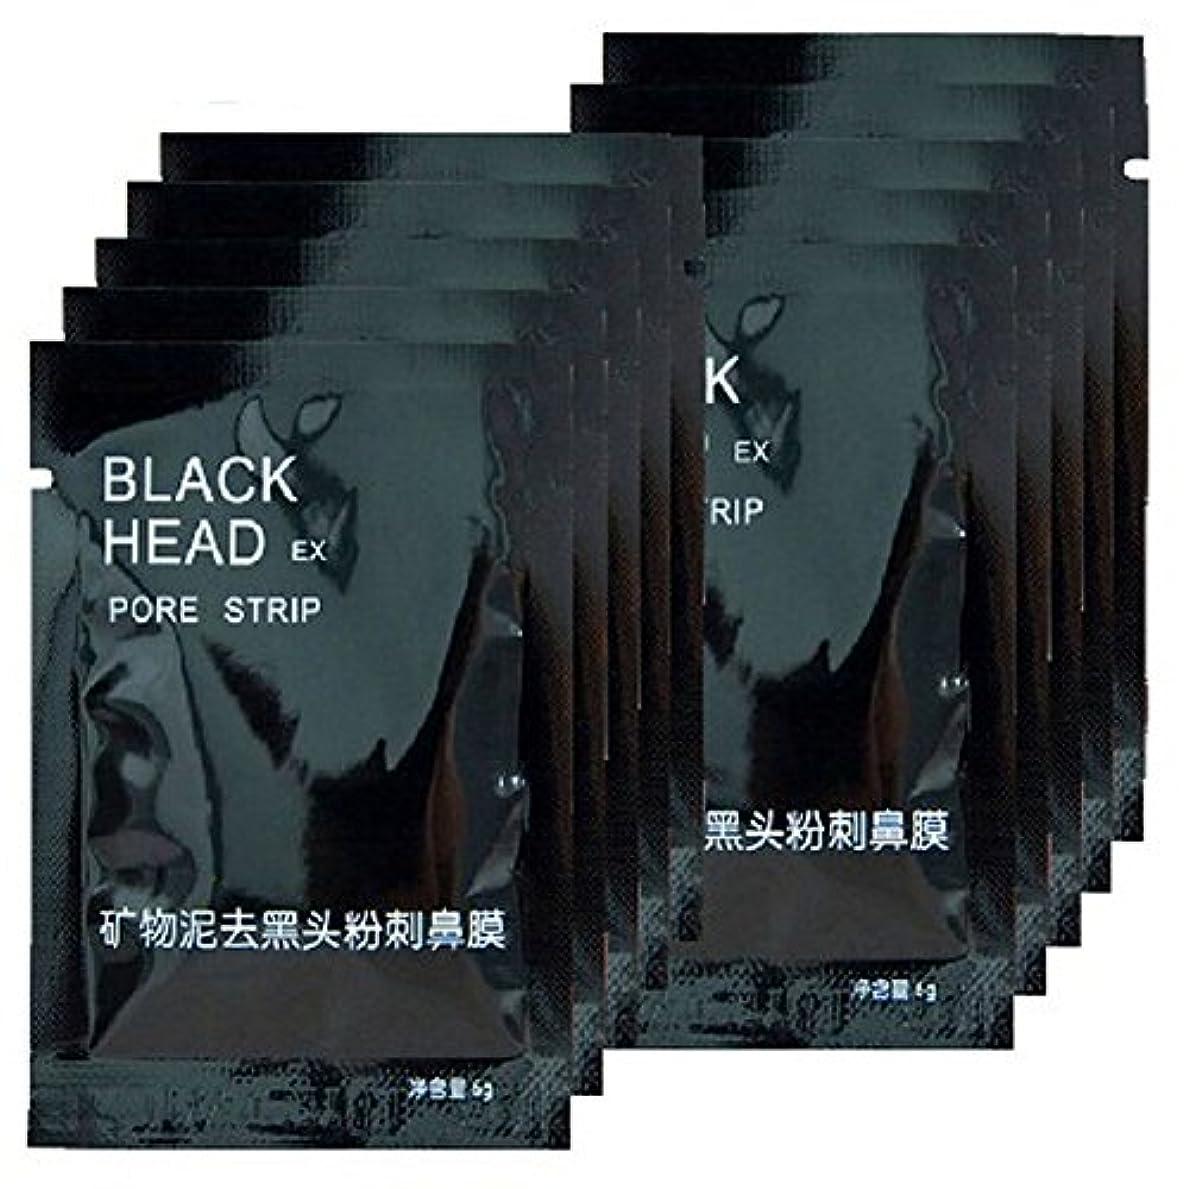 ローズ第であること鼻のにきびの除去剤のマスクによって活動化させる木炭は鼻の深いクリーニングの毛穴にきびのための黒いマスクをはがします